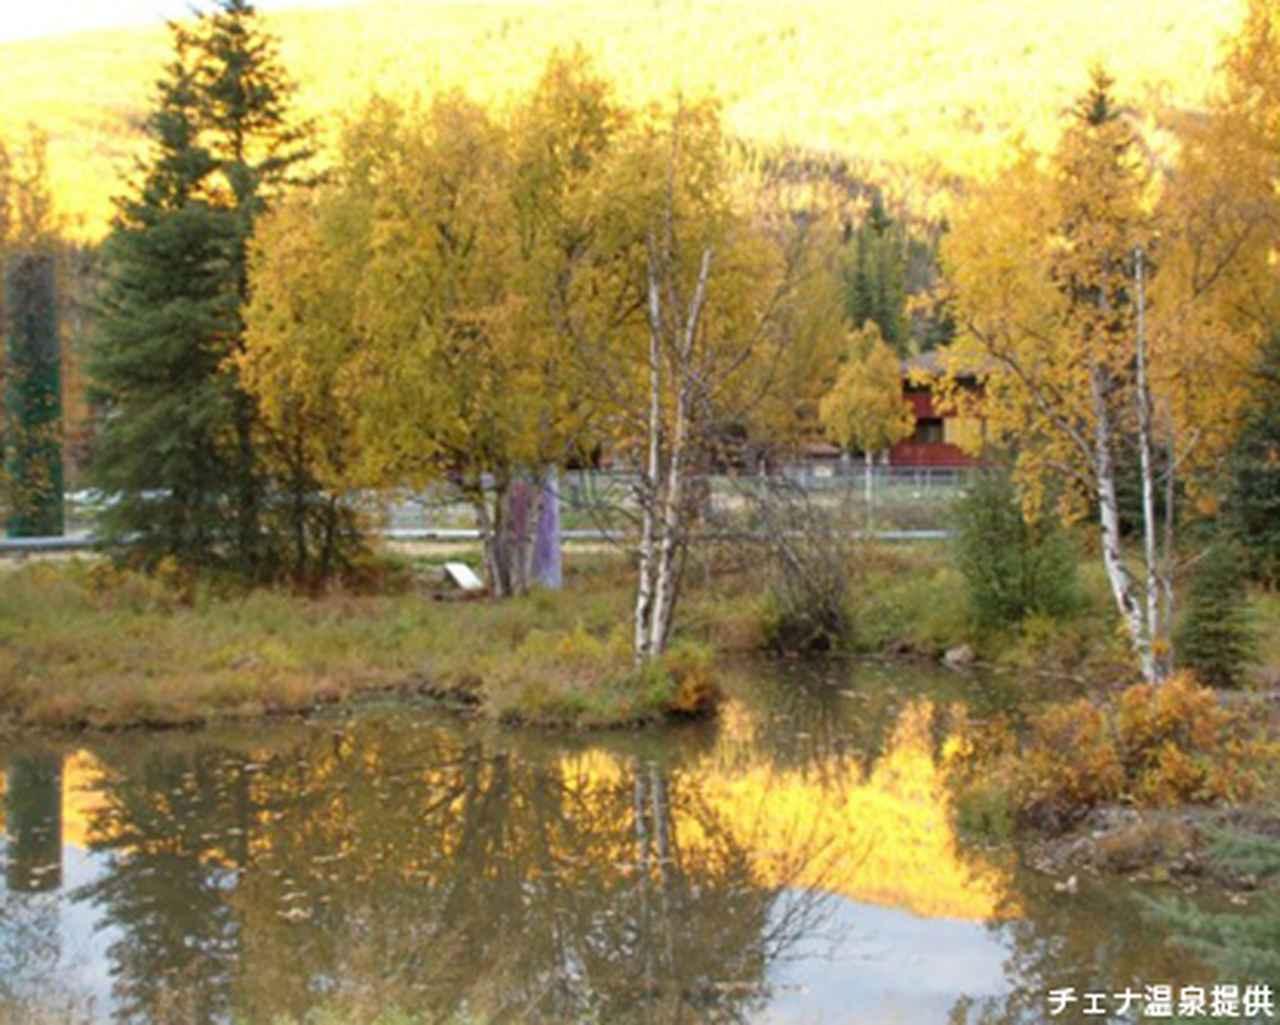 画像: チェナ温泉の黄葉(チェナ温泉提供・イメージ)